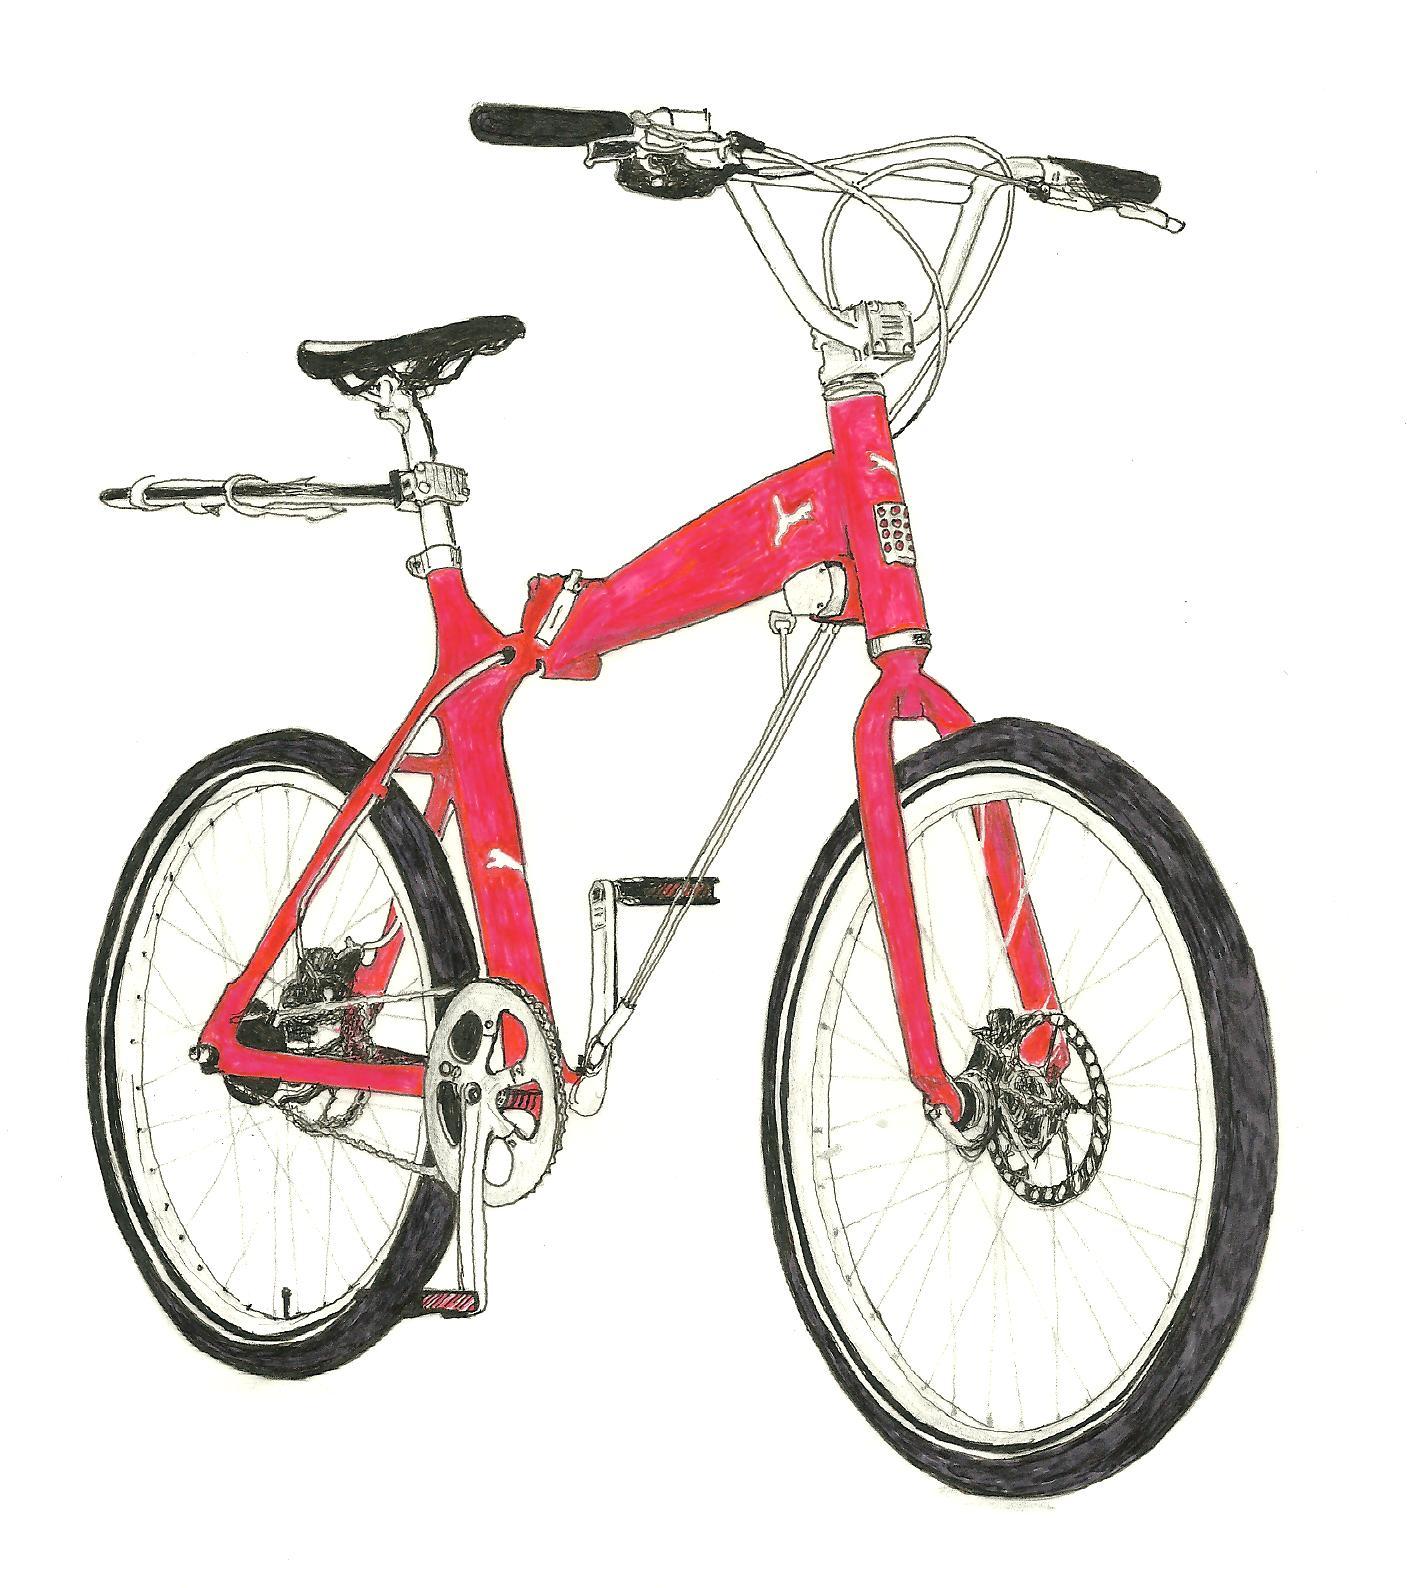 A_New_Bike